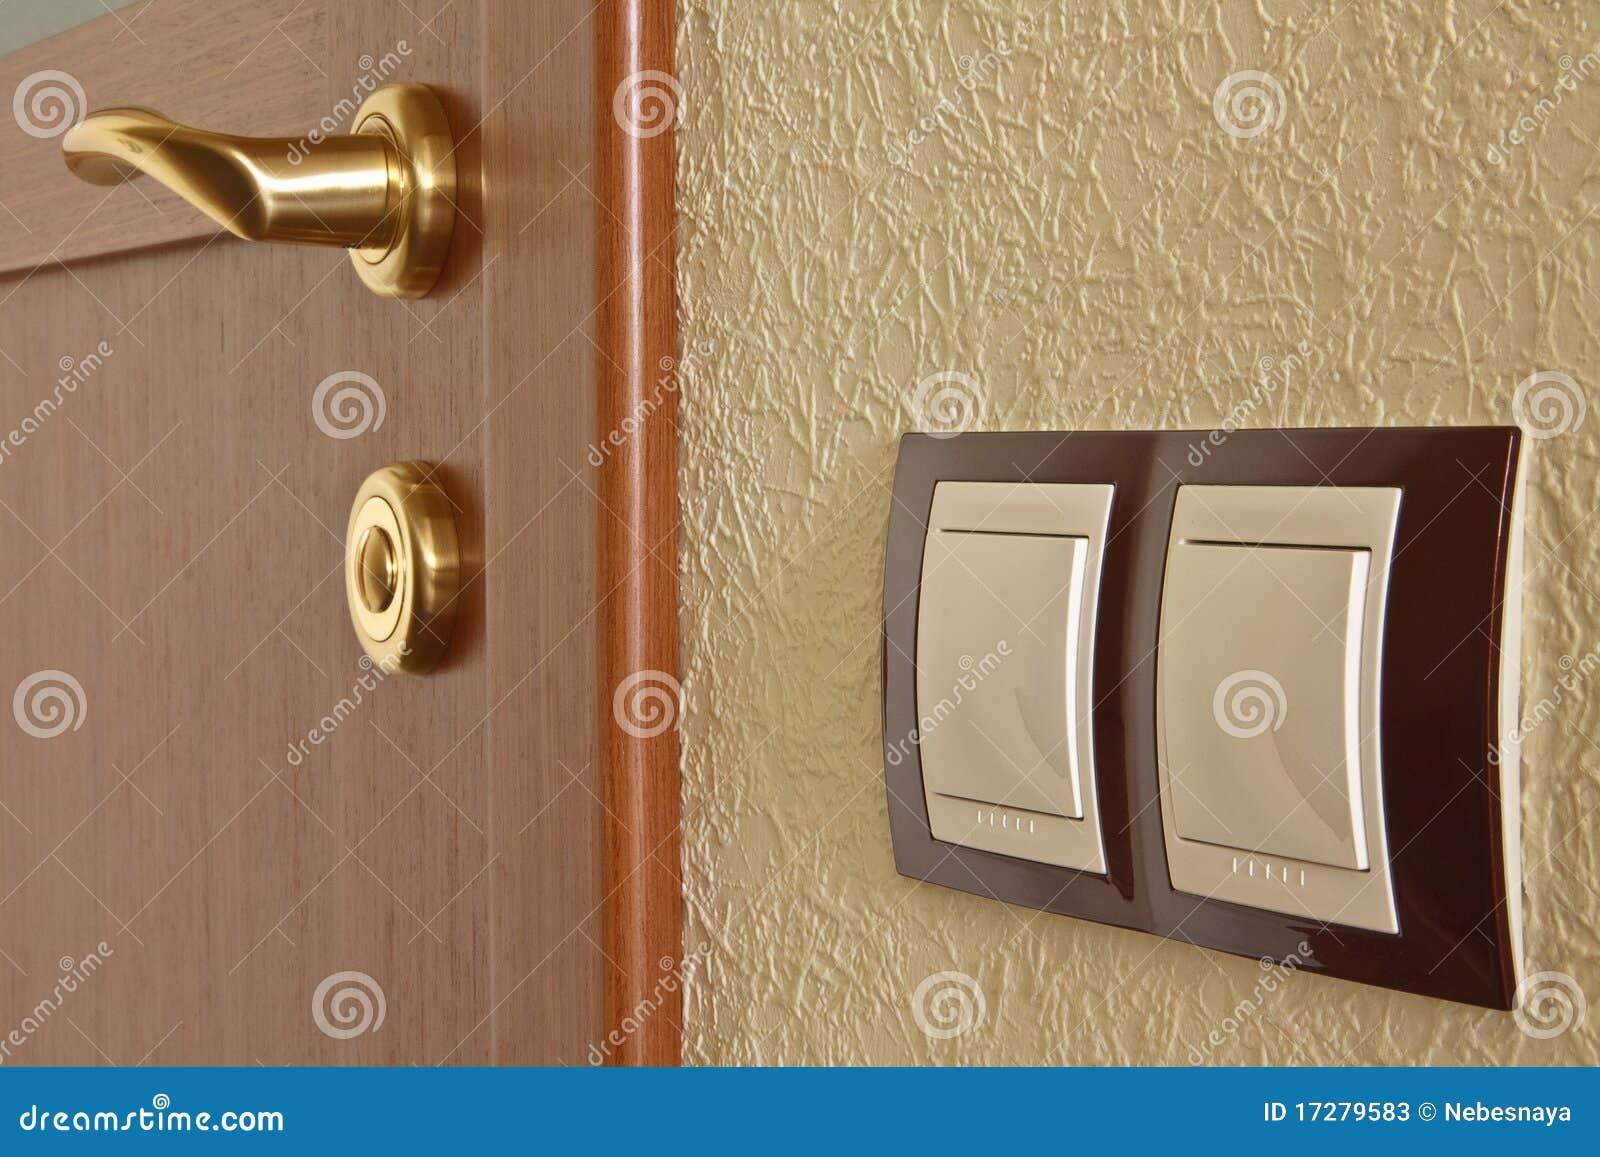 Inre ljus strömbrytare för dörr arkivfoton   bild: 17279583